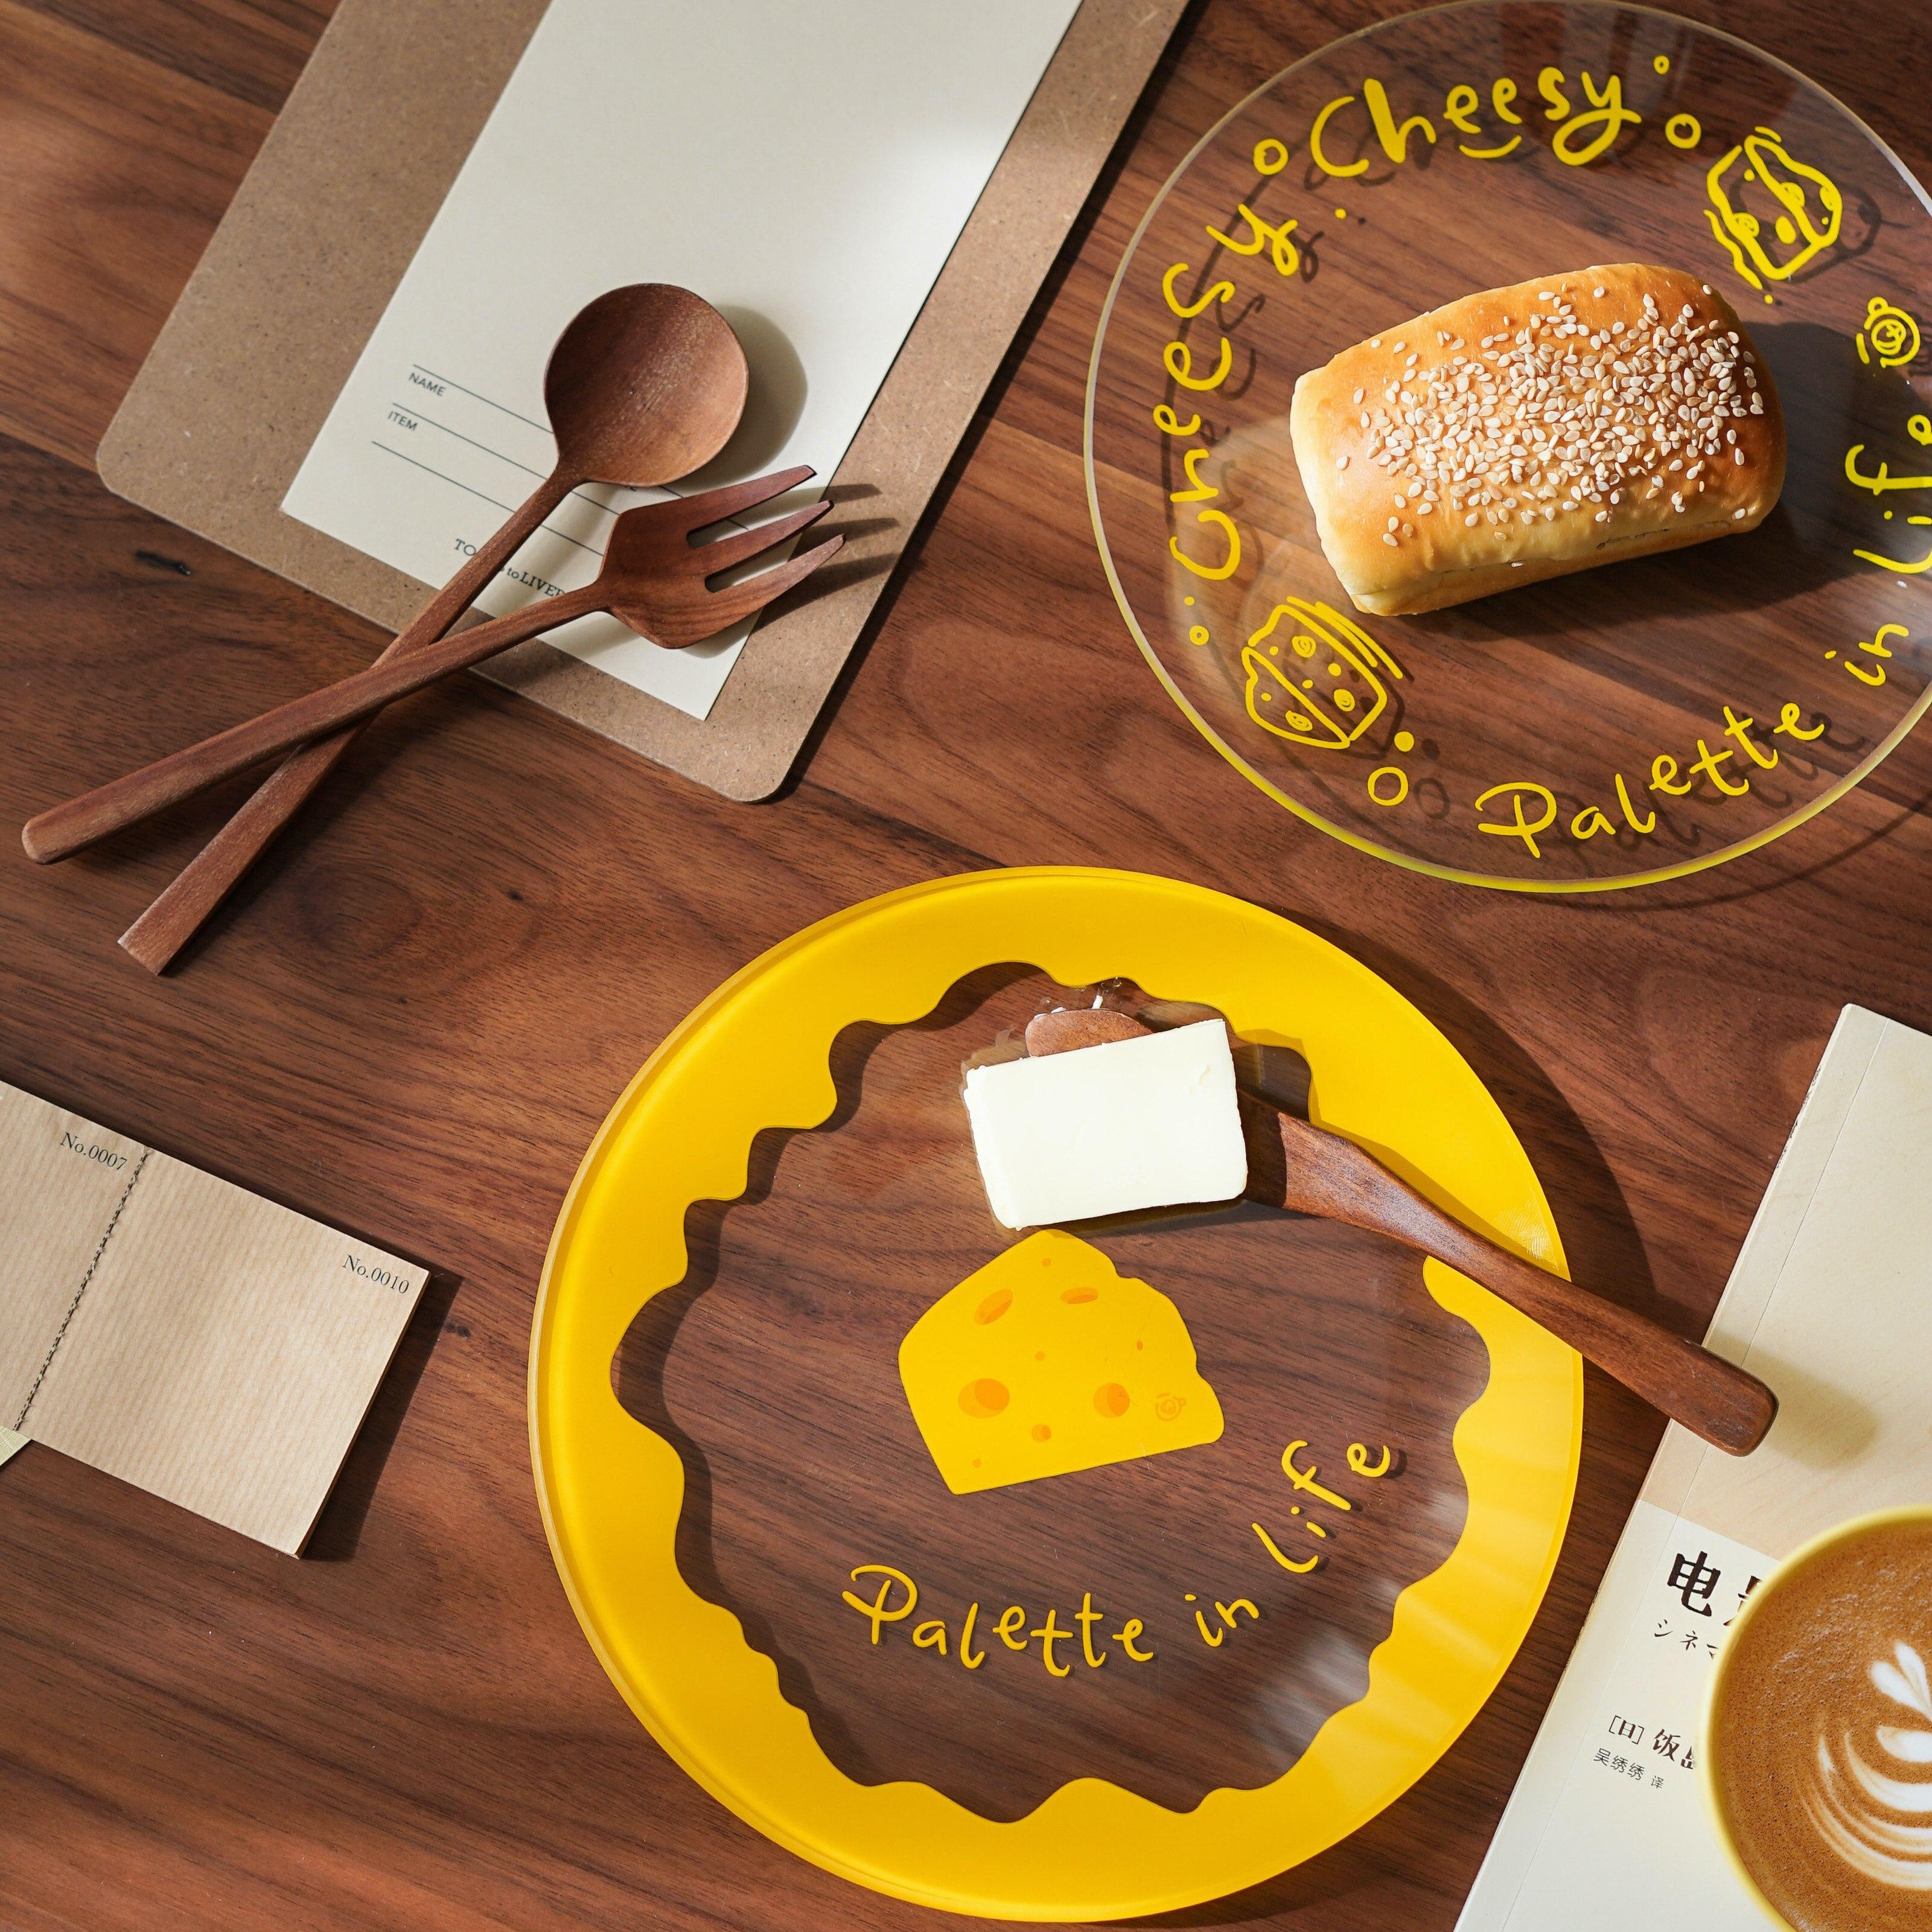 لطيف المتخصصة المصور الجبن التوضيح طبق من الزجاج الإفطار الحلوى بعد الظهر الشاي لوحة مقاومة درجات الحرارة العالية